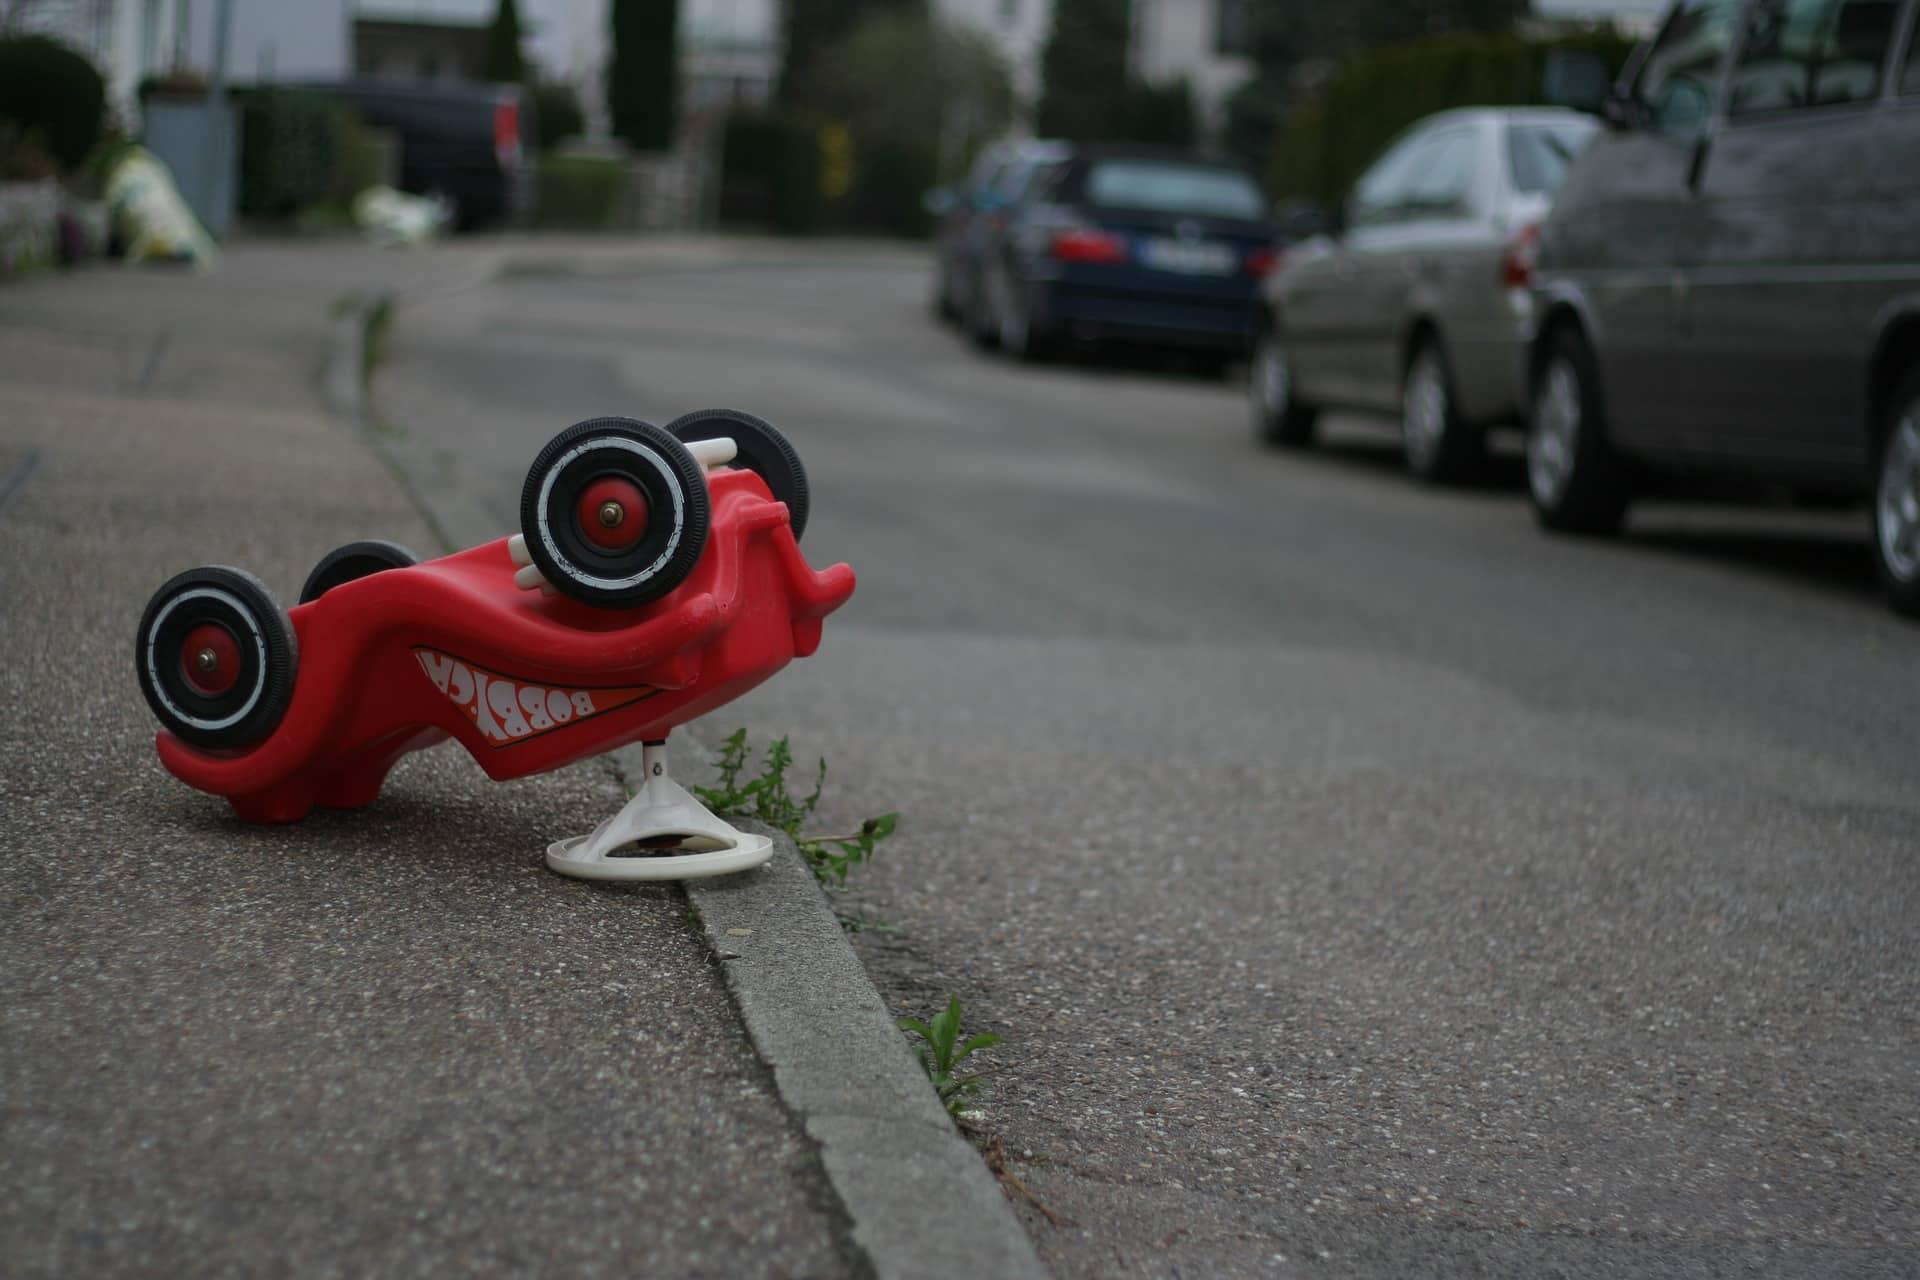 Accidentes de tráfico: imprudencias y sanciones tras la modificación del Código Penal